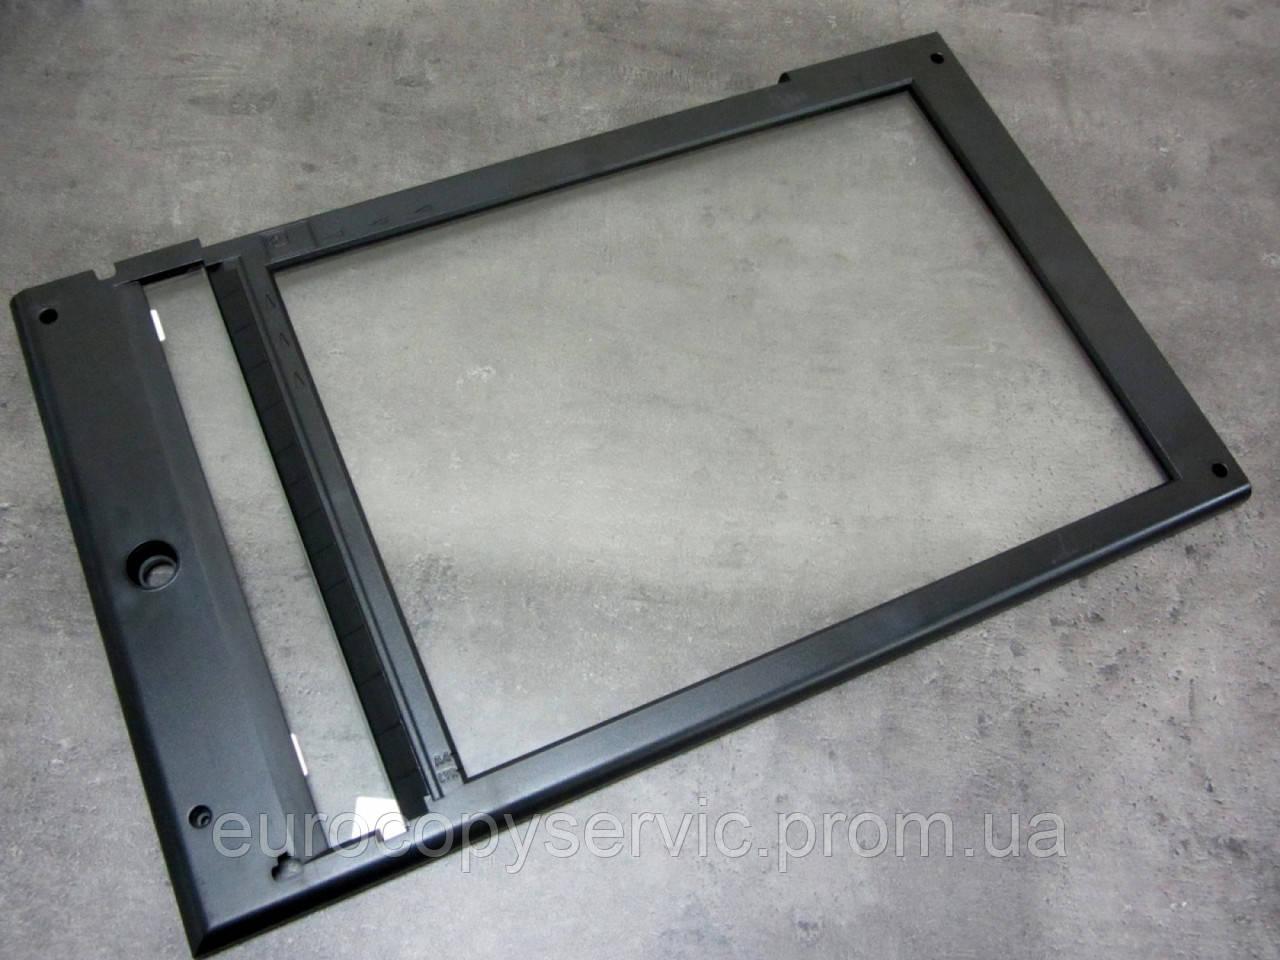 Стіл зчитування інформації (пластмасовий корпус, скло сканера широке, скло сканера вузьке) HP LJ M1212,